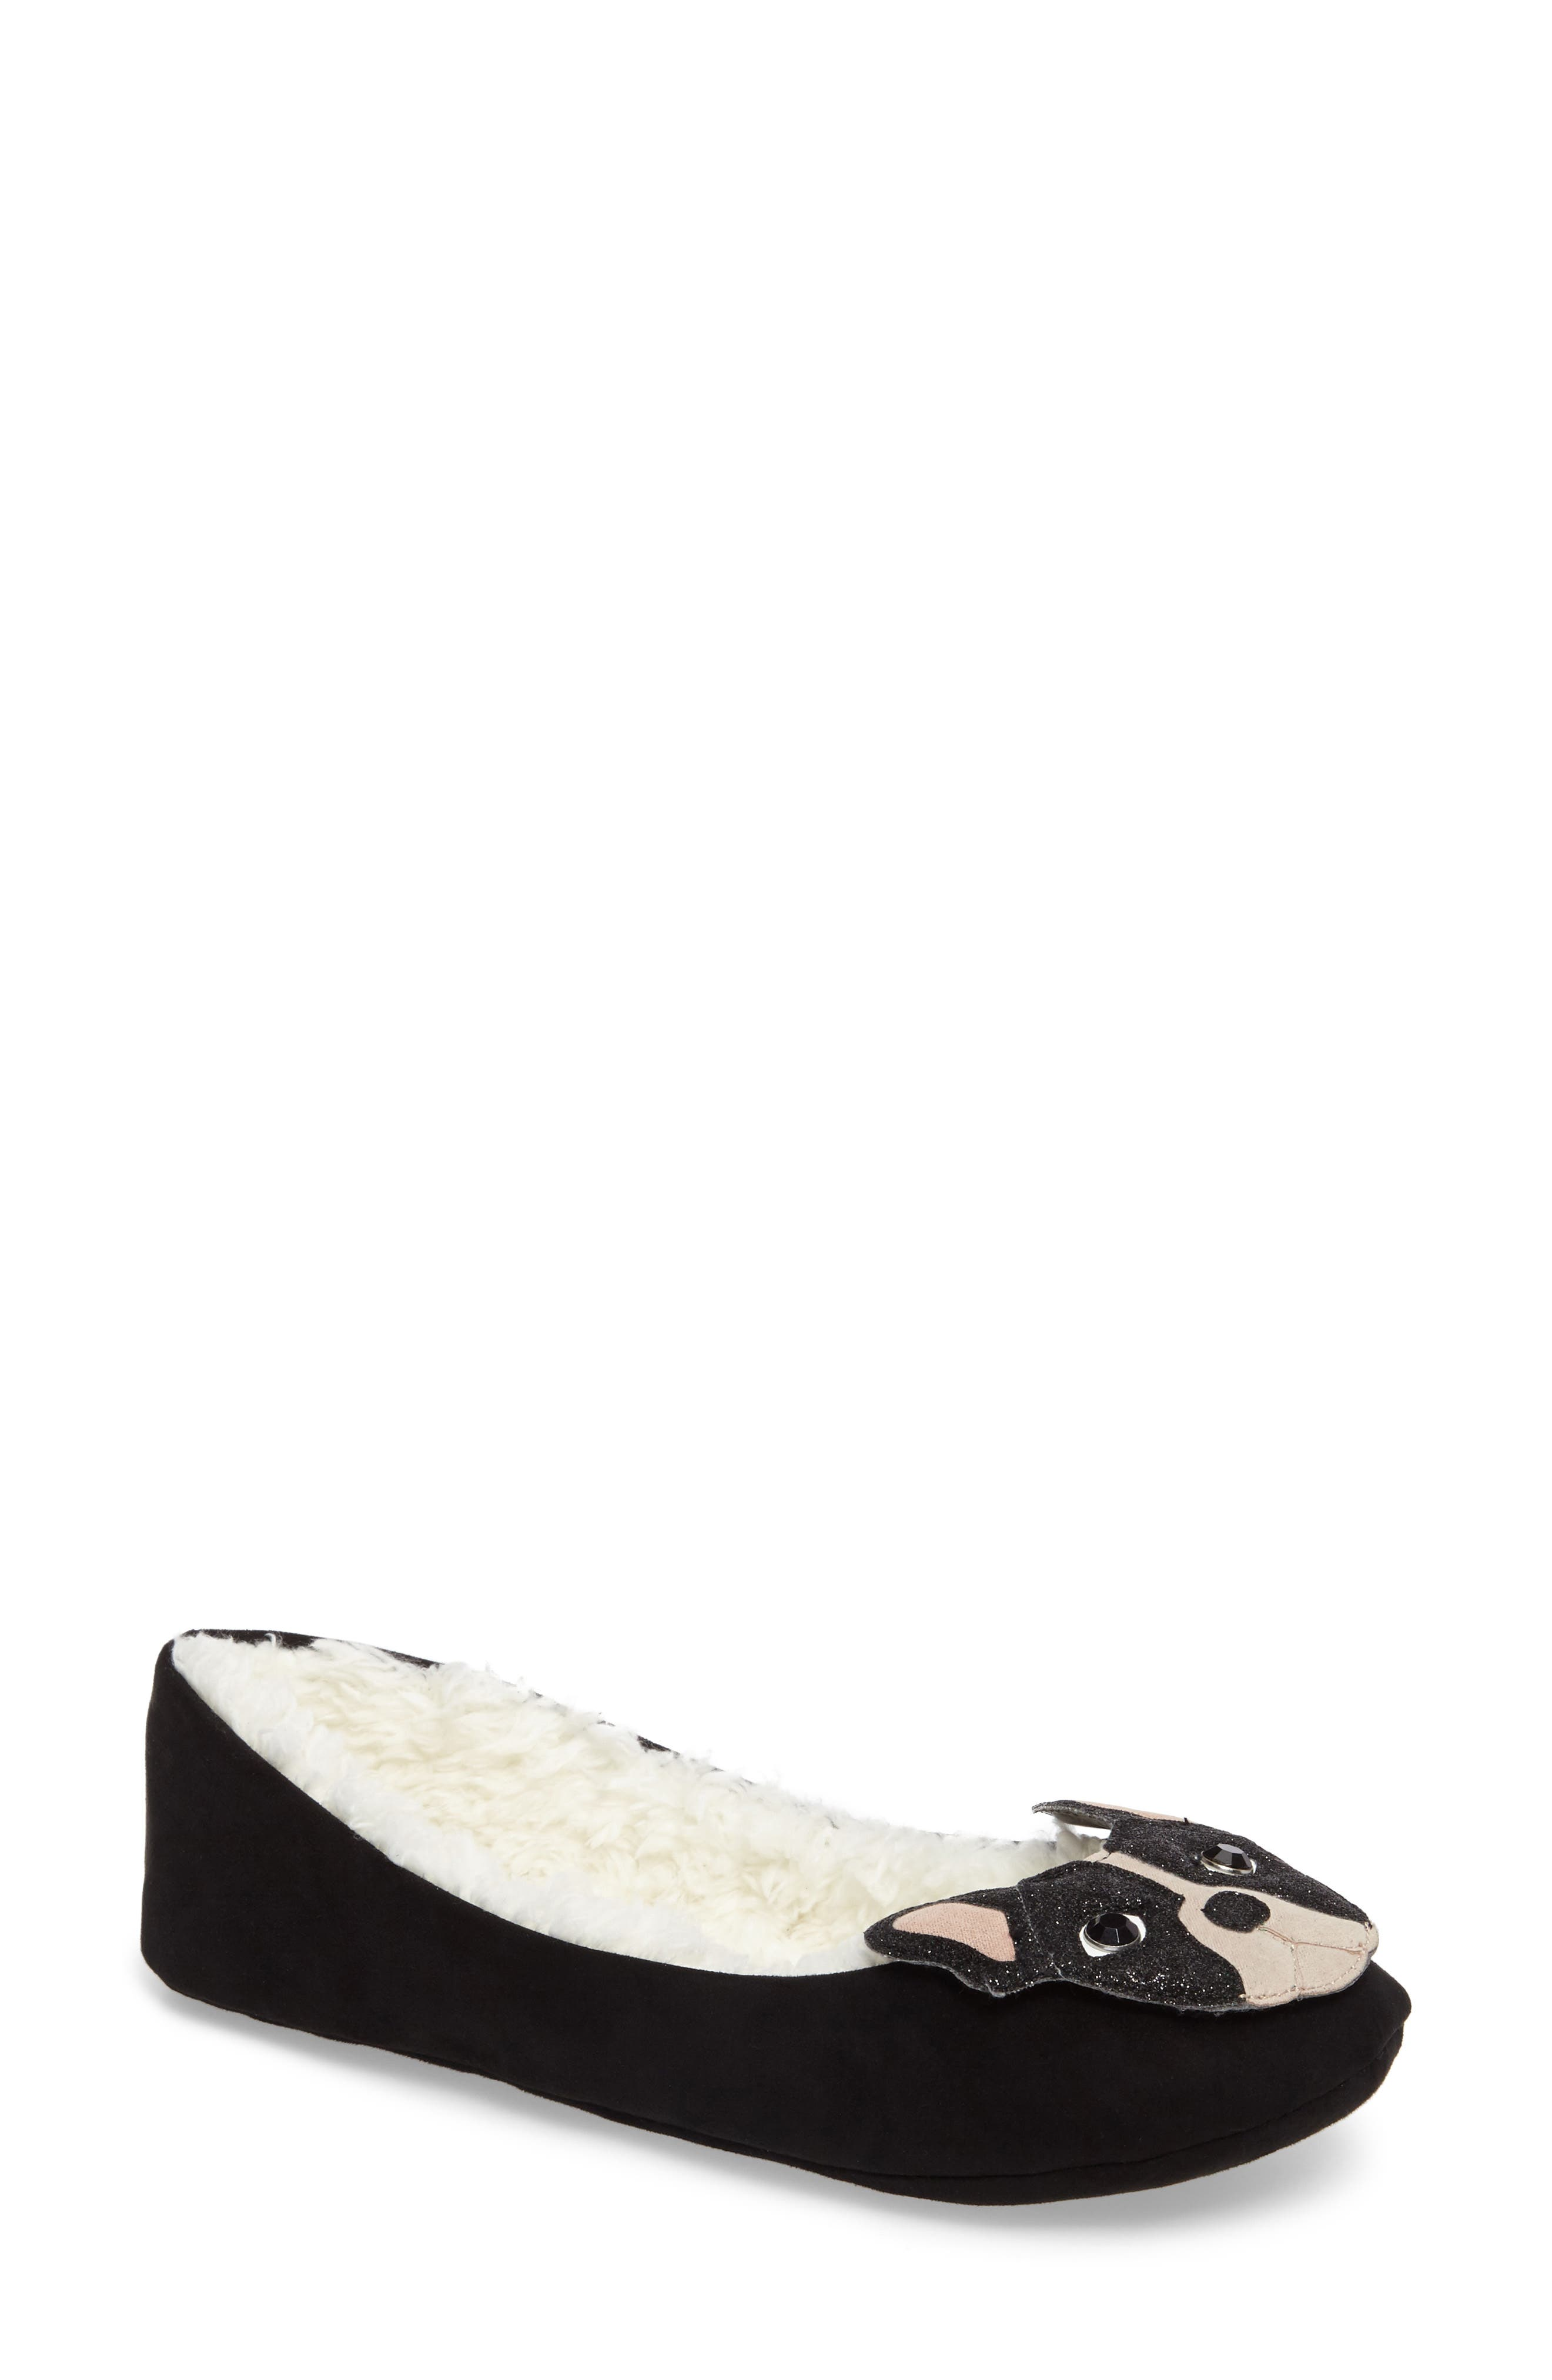 Alternate Image 1 Selected - kate spade new york seymour slipper (Women)